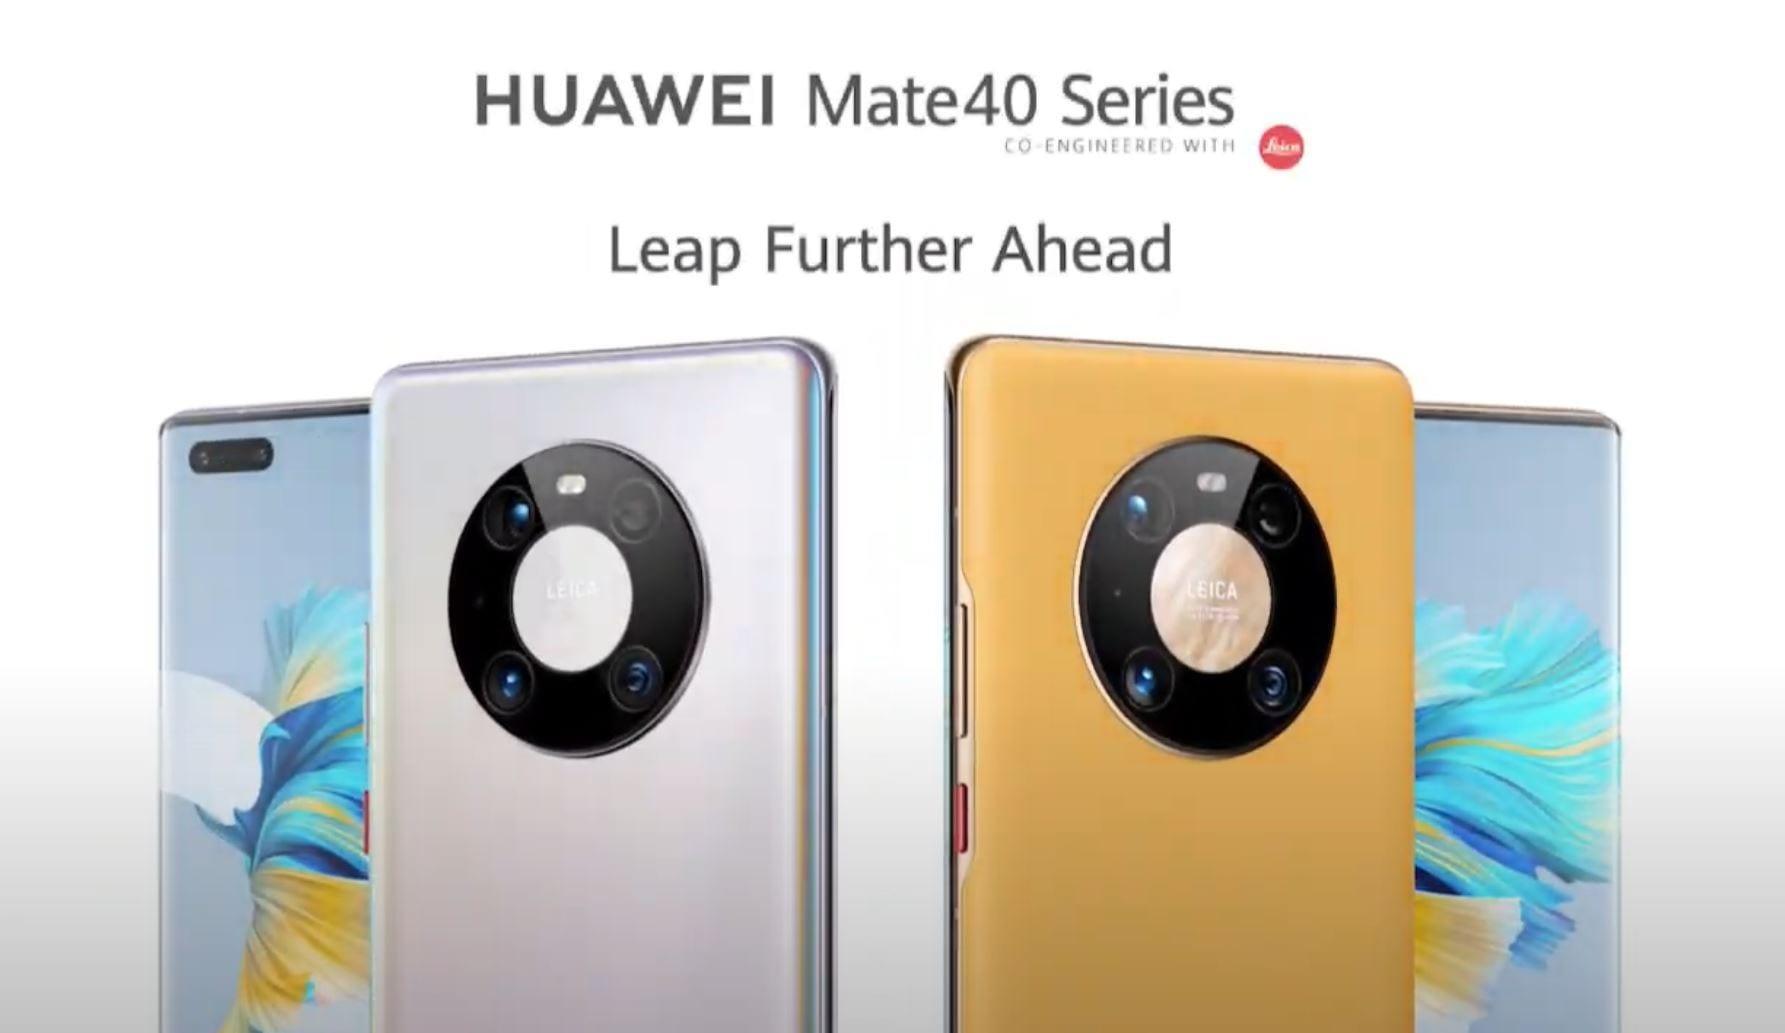 Επίσημα η HUAWEI Mate 40 Series